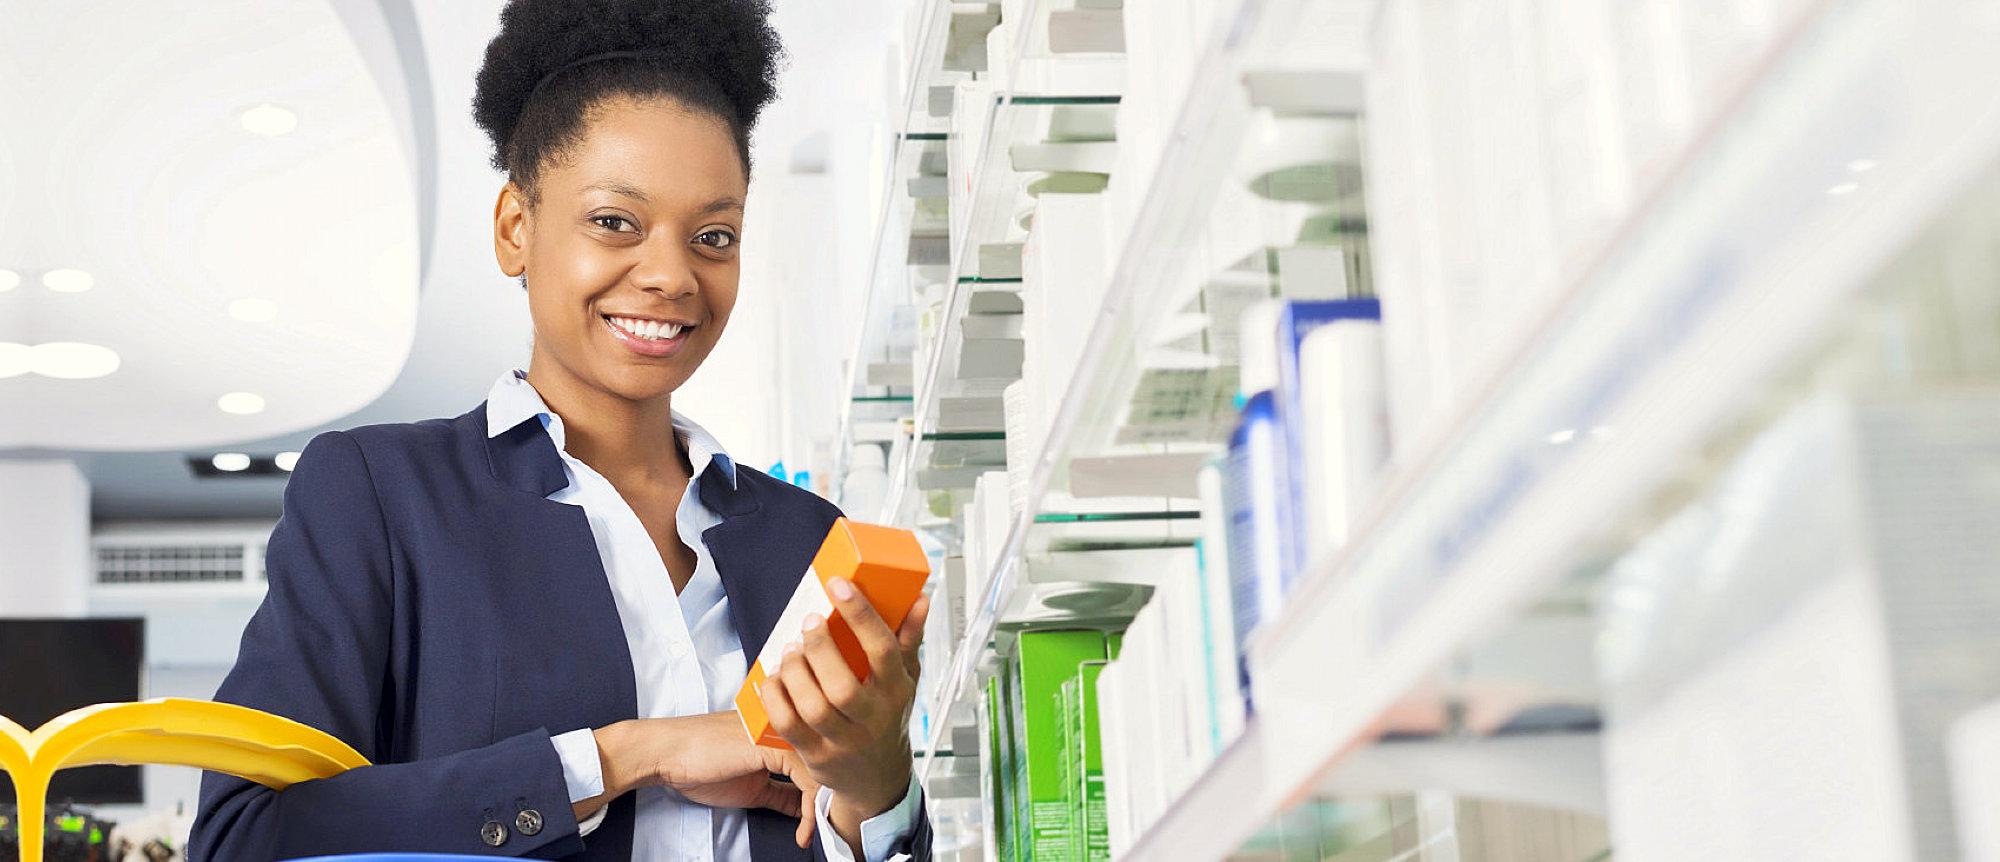 female pharmacy customer smiling